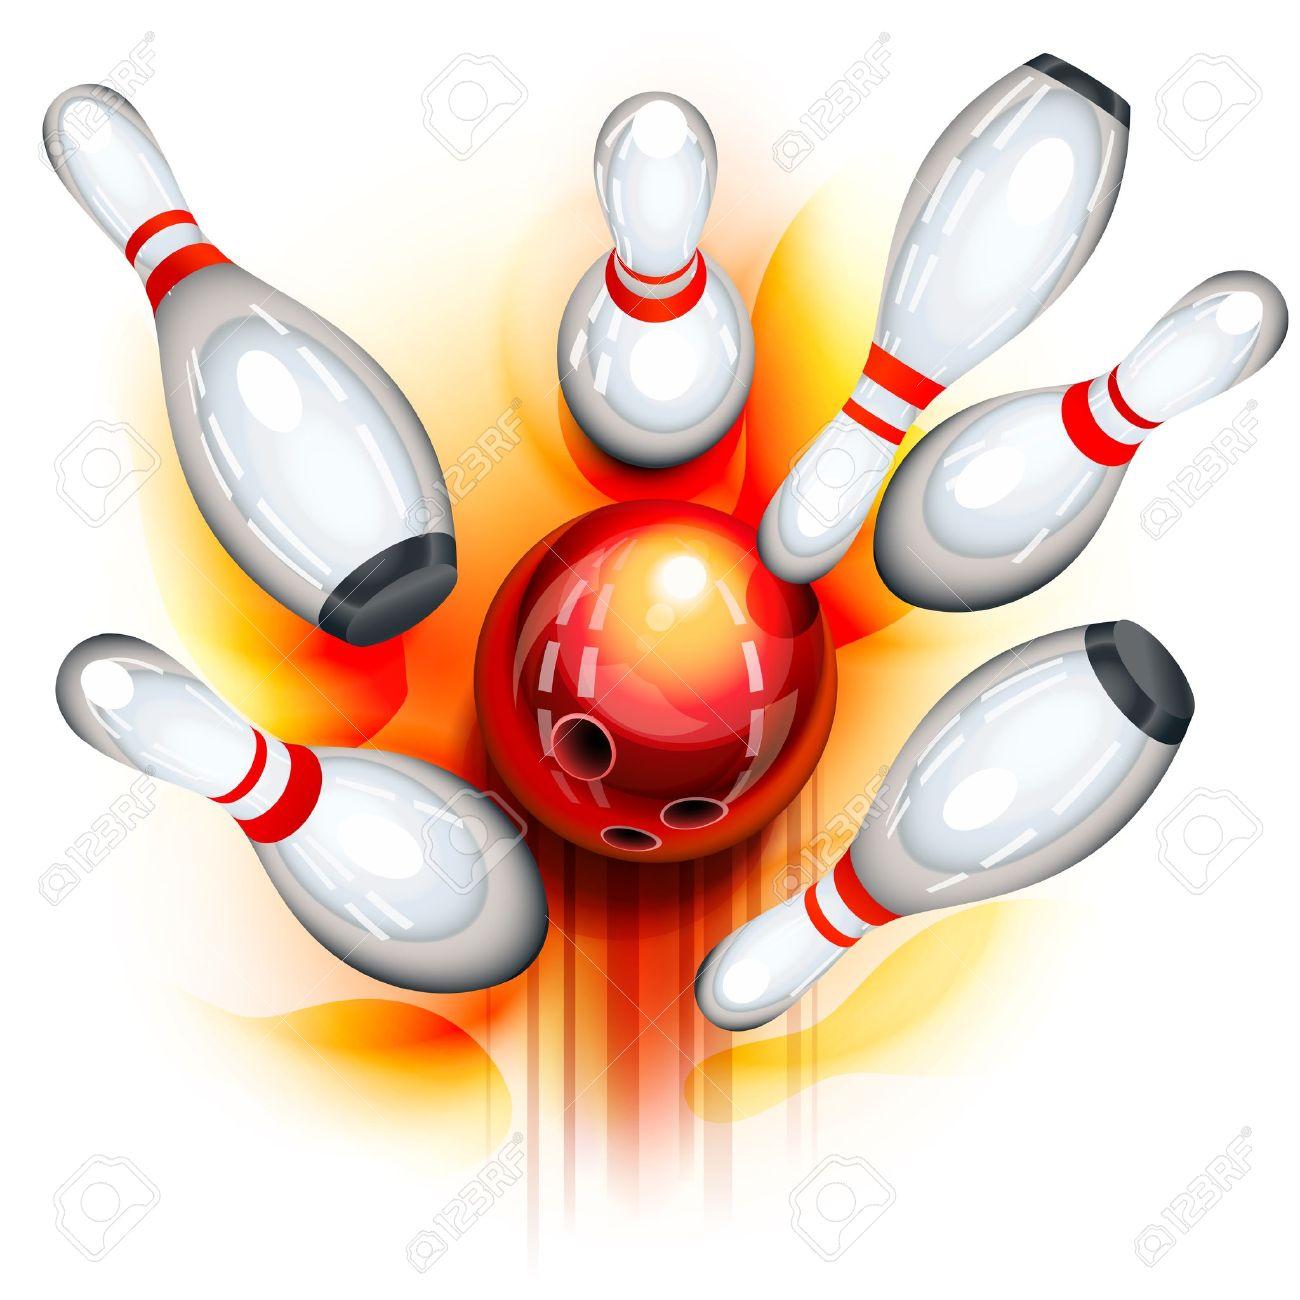 ピンにクラッシュする赤いボウリング ボール ロイヤリティフリークリップ